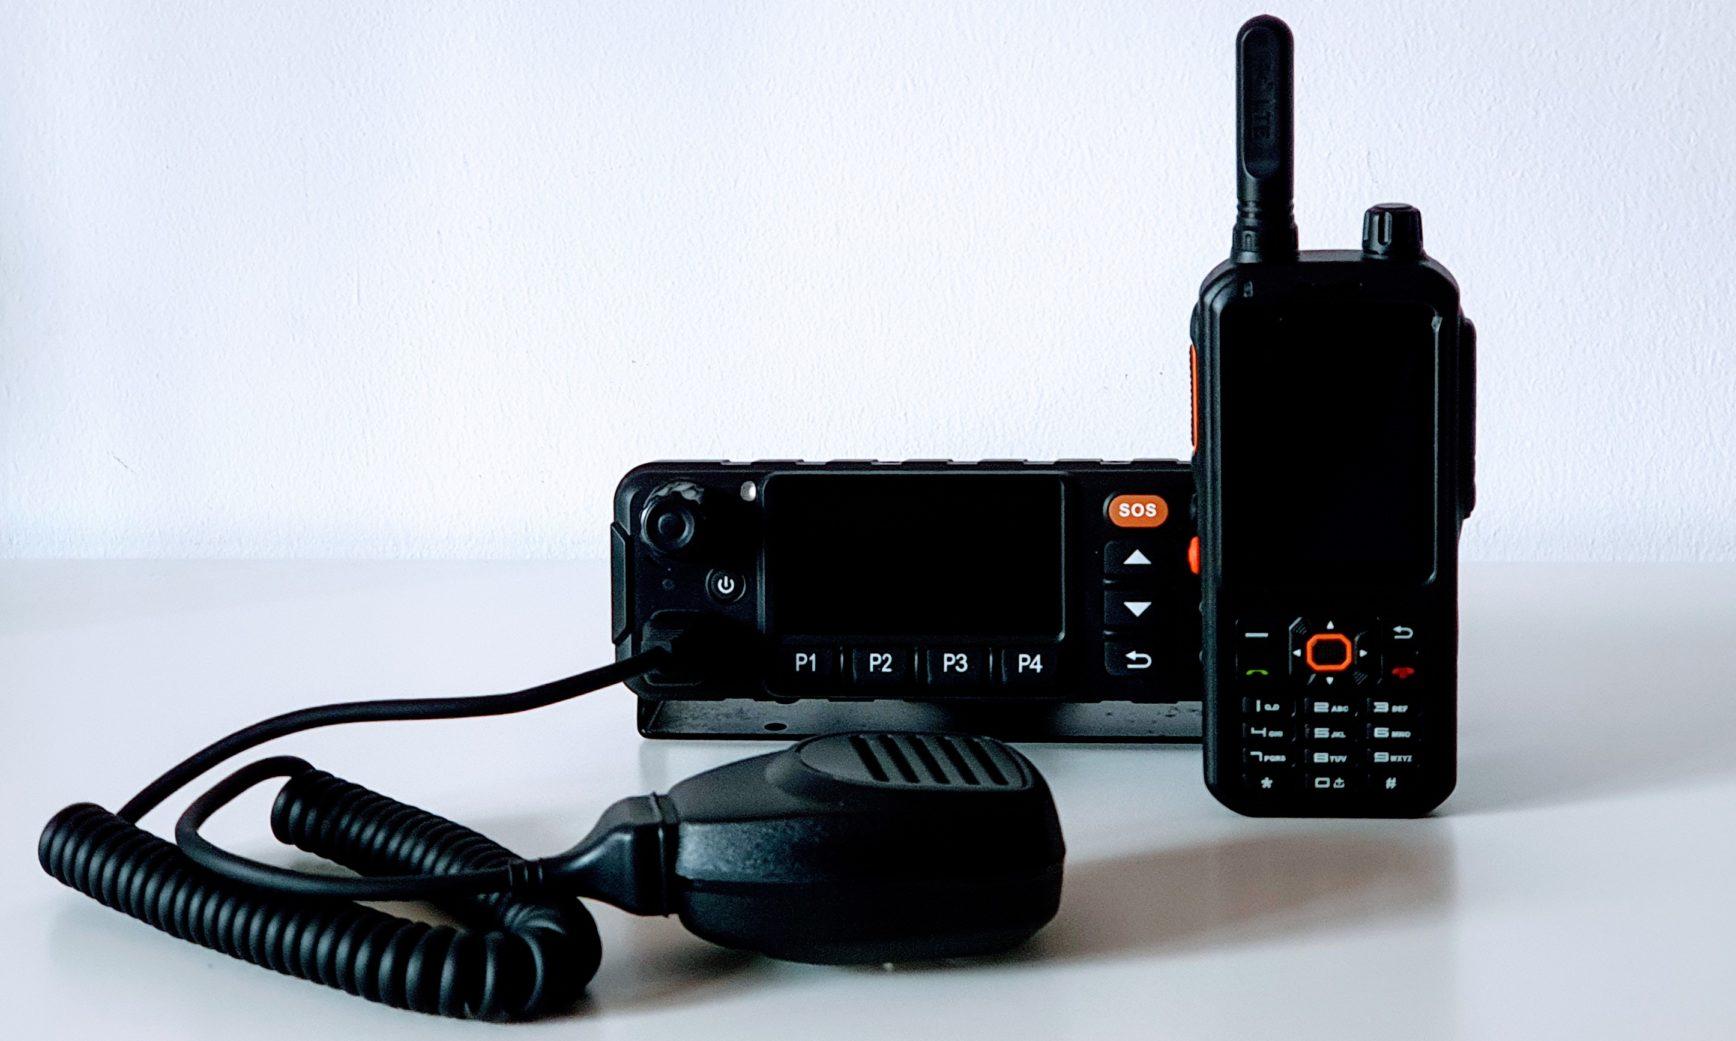 PoC επικοινωνία για ταξί